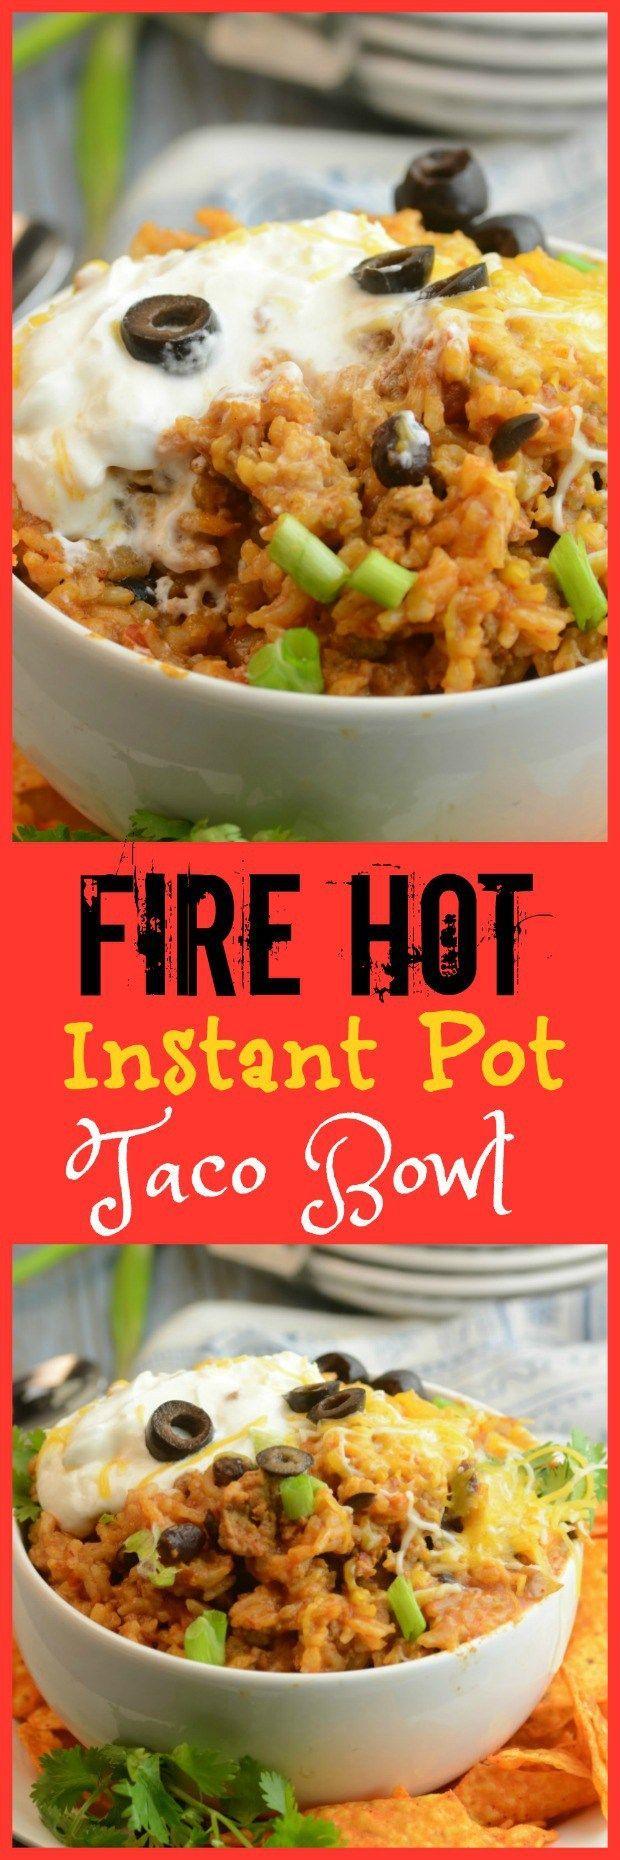 Fire Hot Instant Pot Taco Bowl                                                                                                                                                                                 More